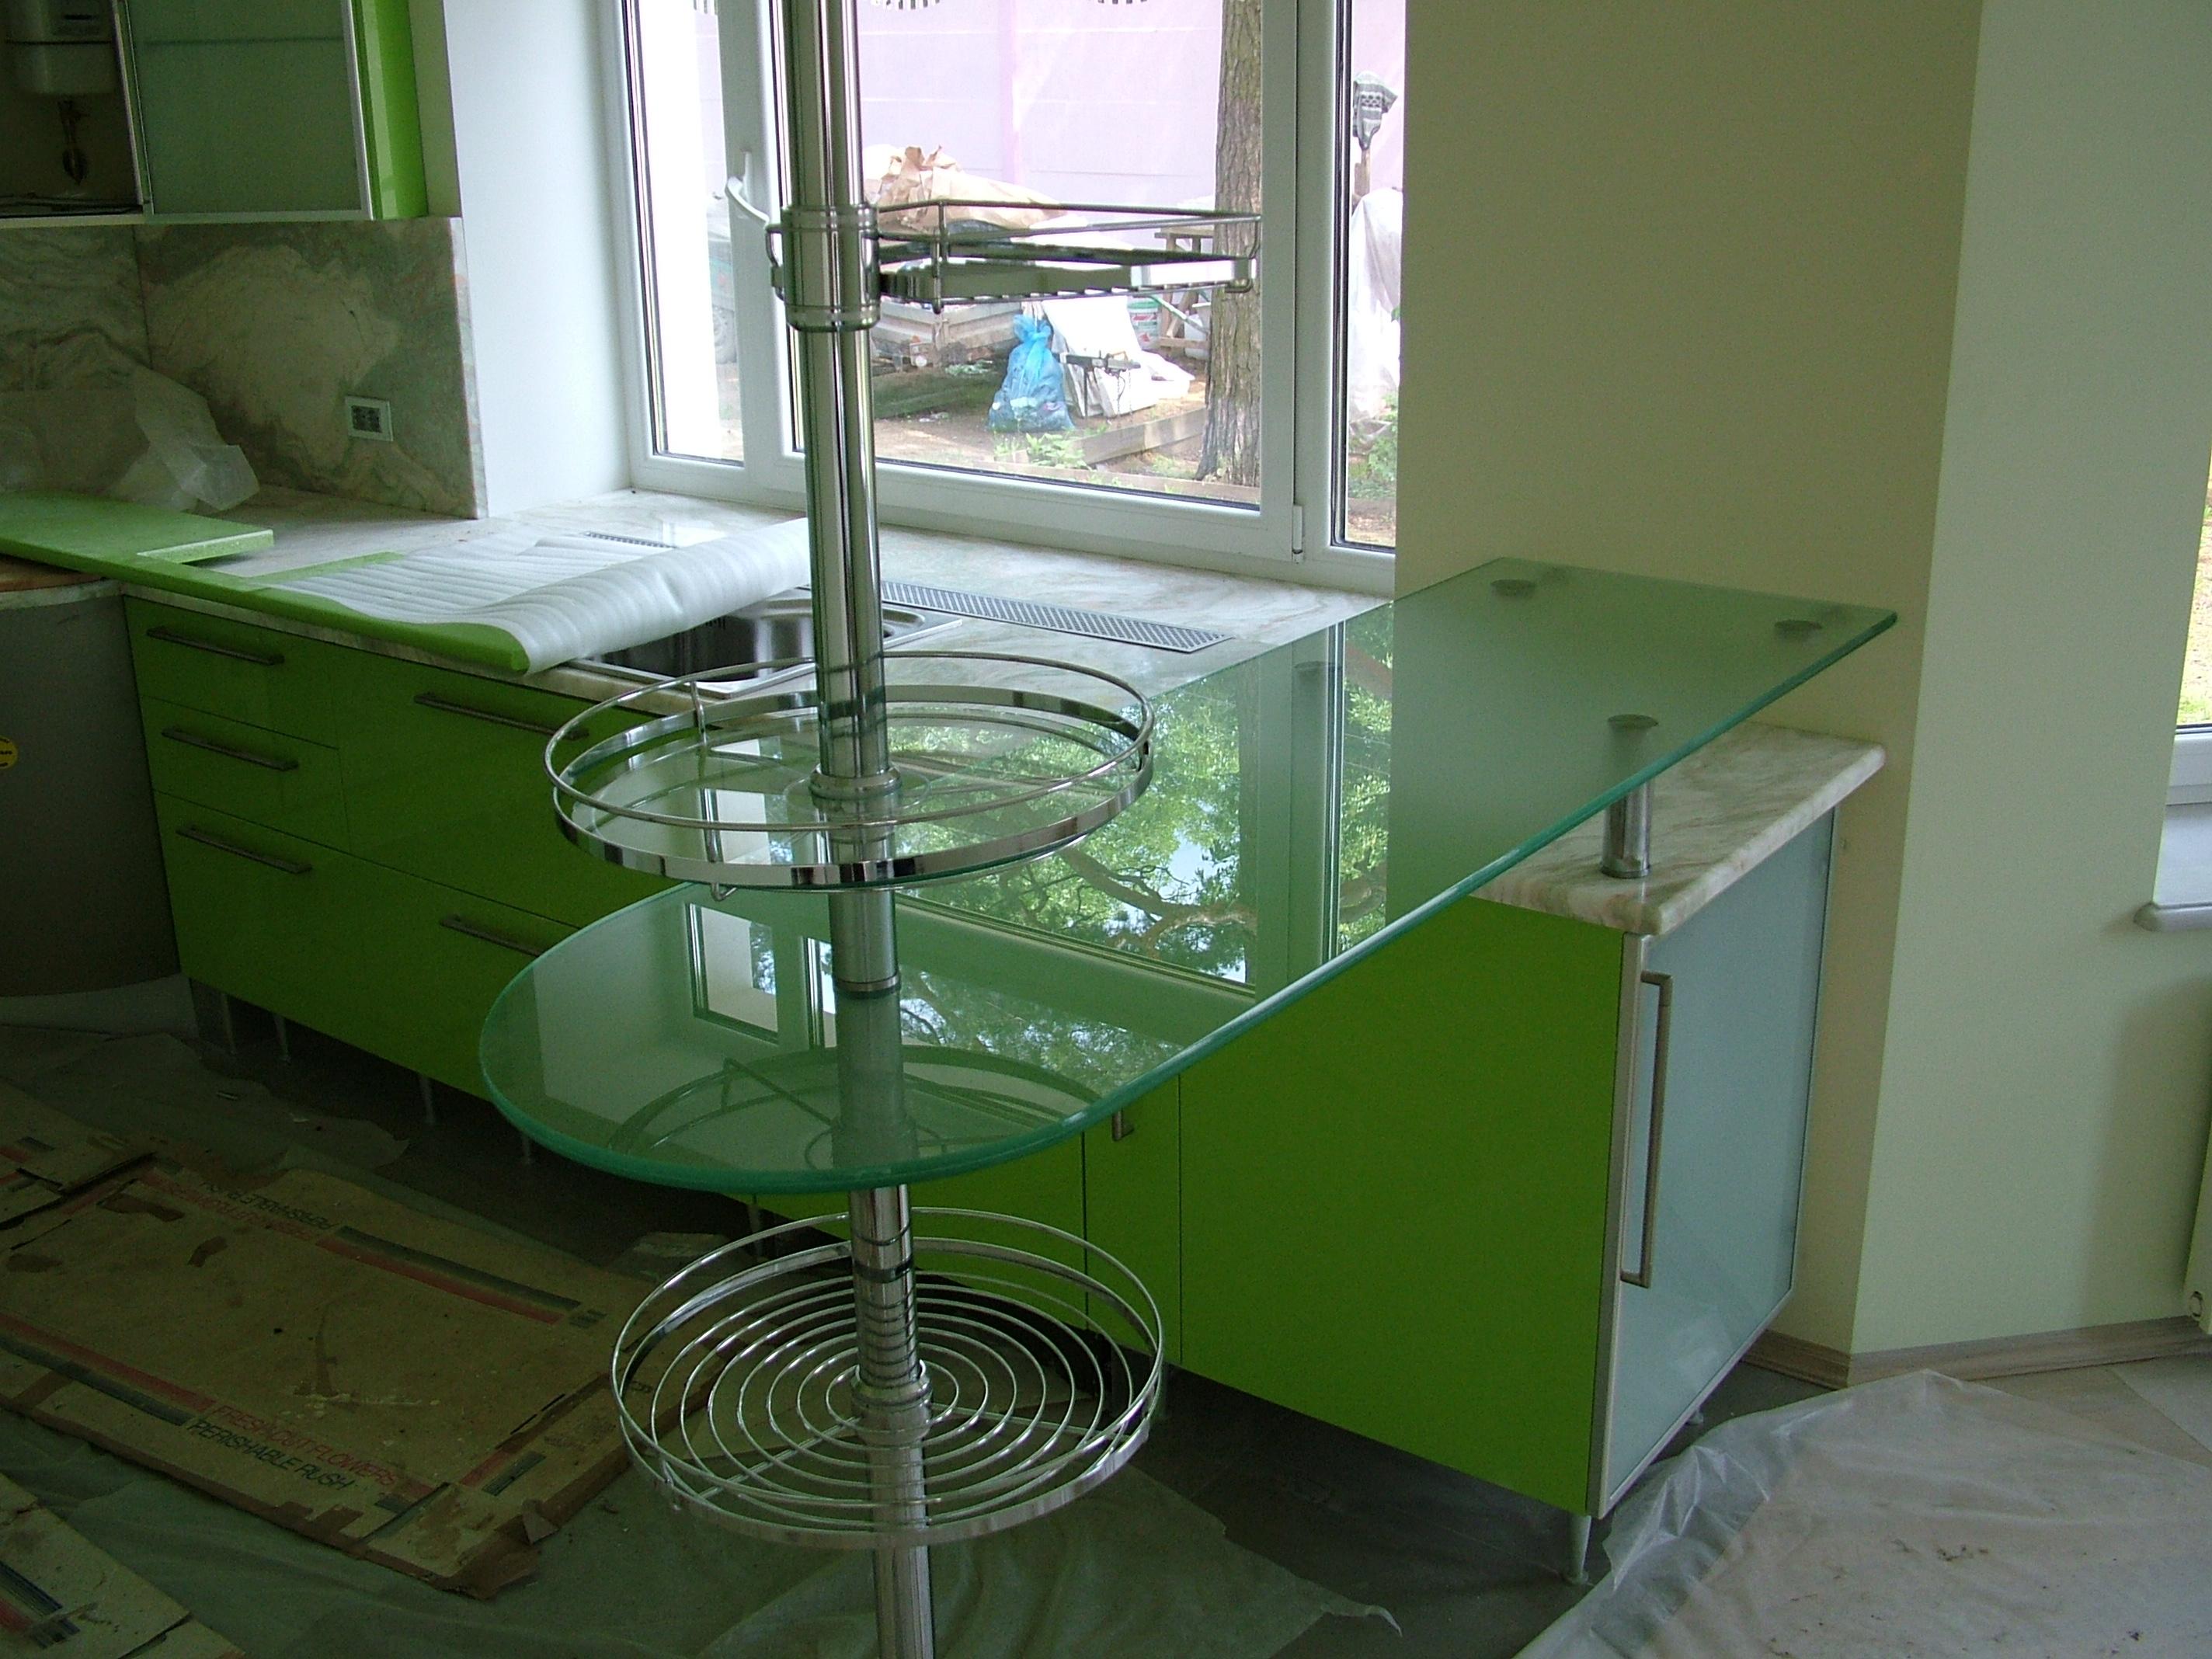 присмотритесь составу барная стойка для кухни стеклянная у окна термобелье